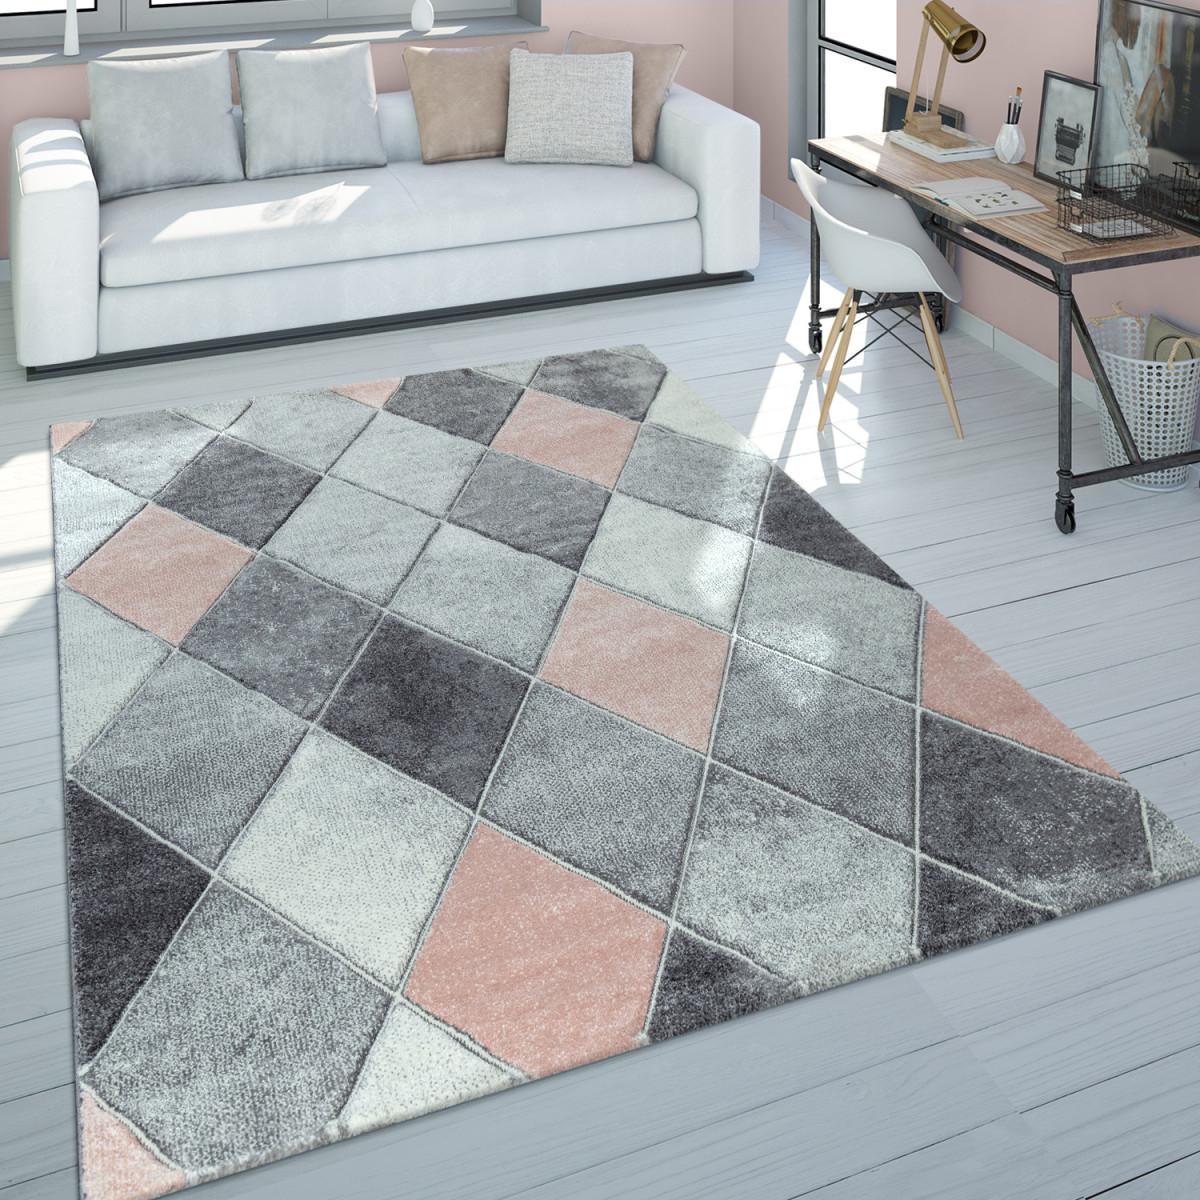 Kurzflor Teppich Wohnzimmer Rosa Grau Pastellfarben Rauten Muster 3D Design von Wohnzimmer Teppich Grau Rosa Bild